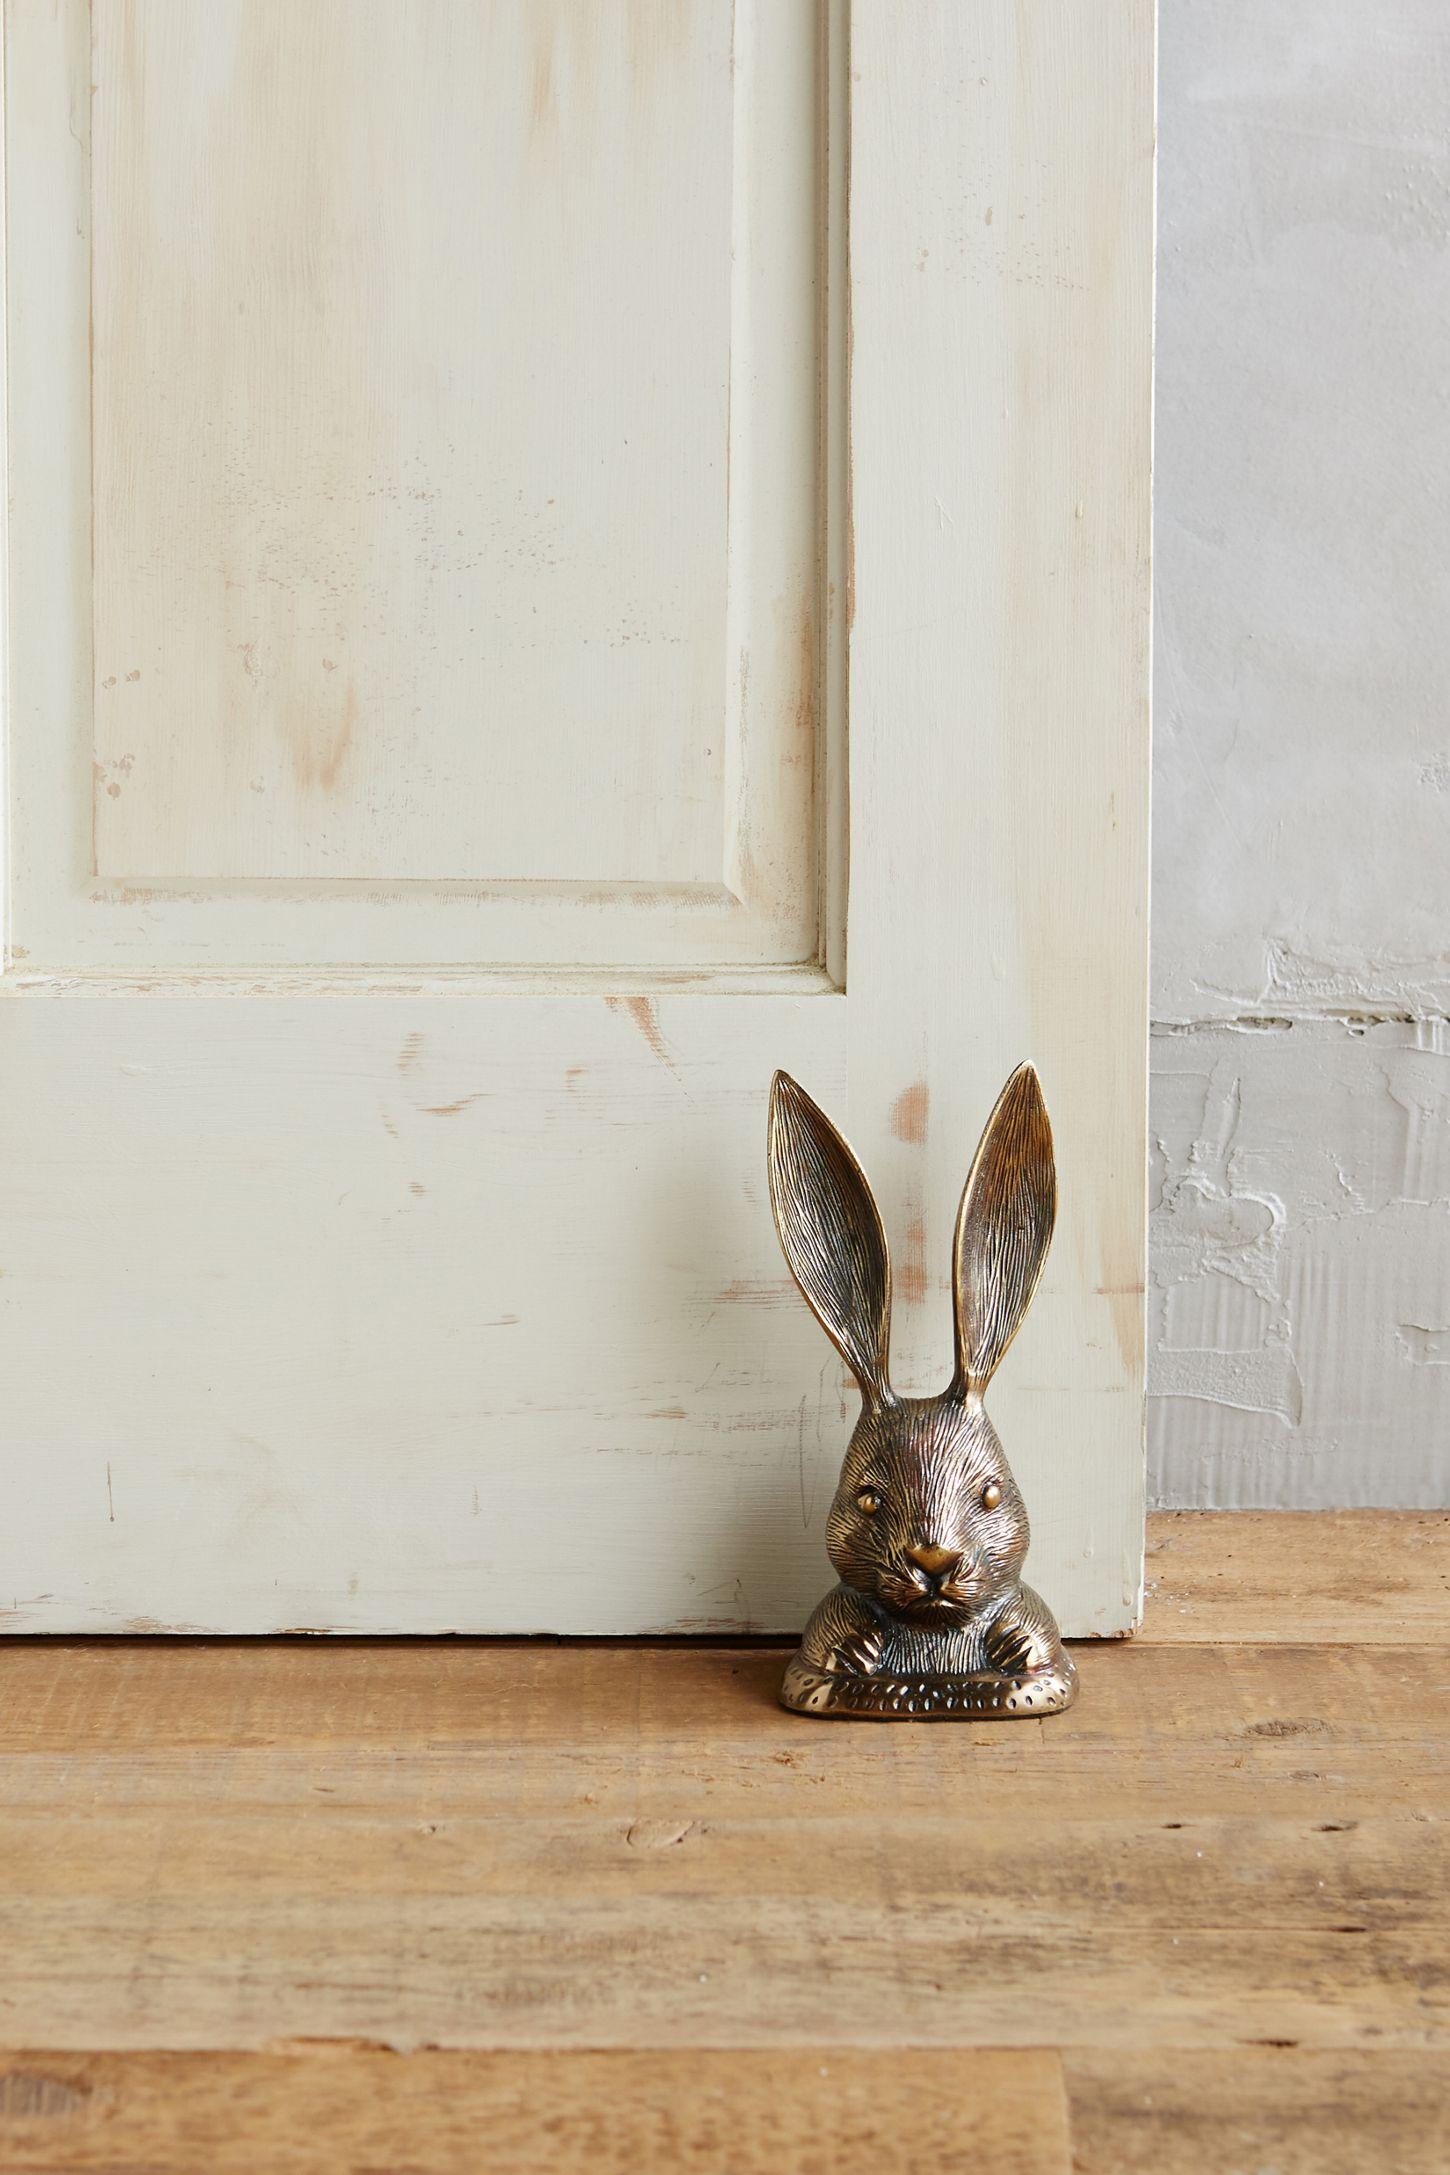 DOOR STOPPER RABBIT DOORSTOP WOODEN BUNNY RABBIT DOOR STOP